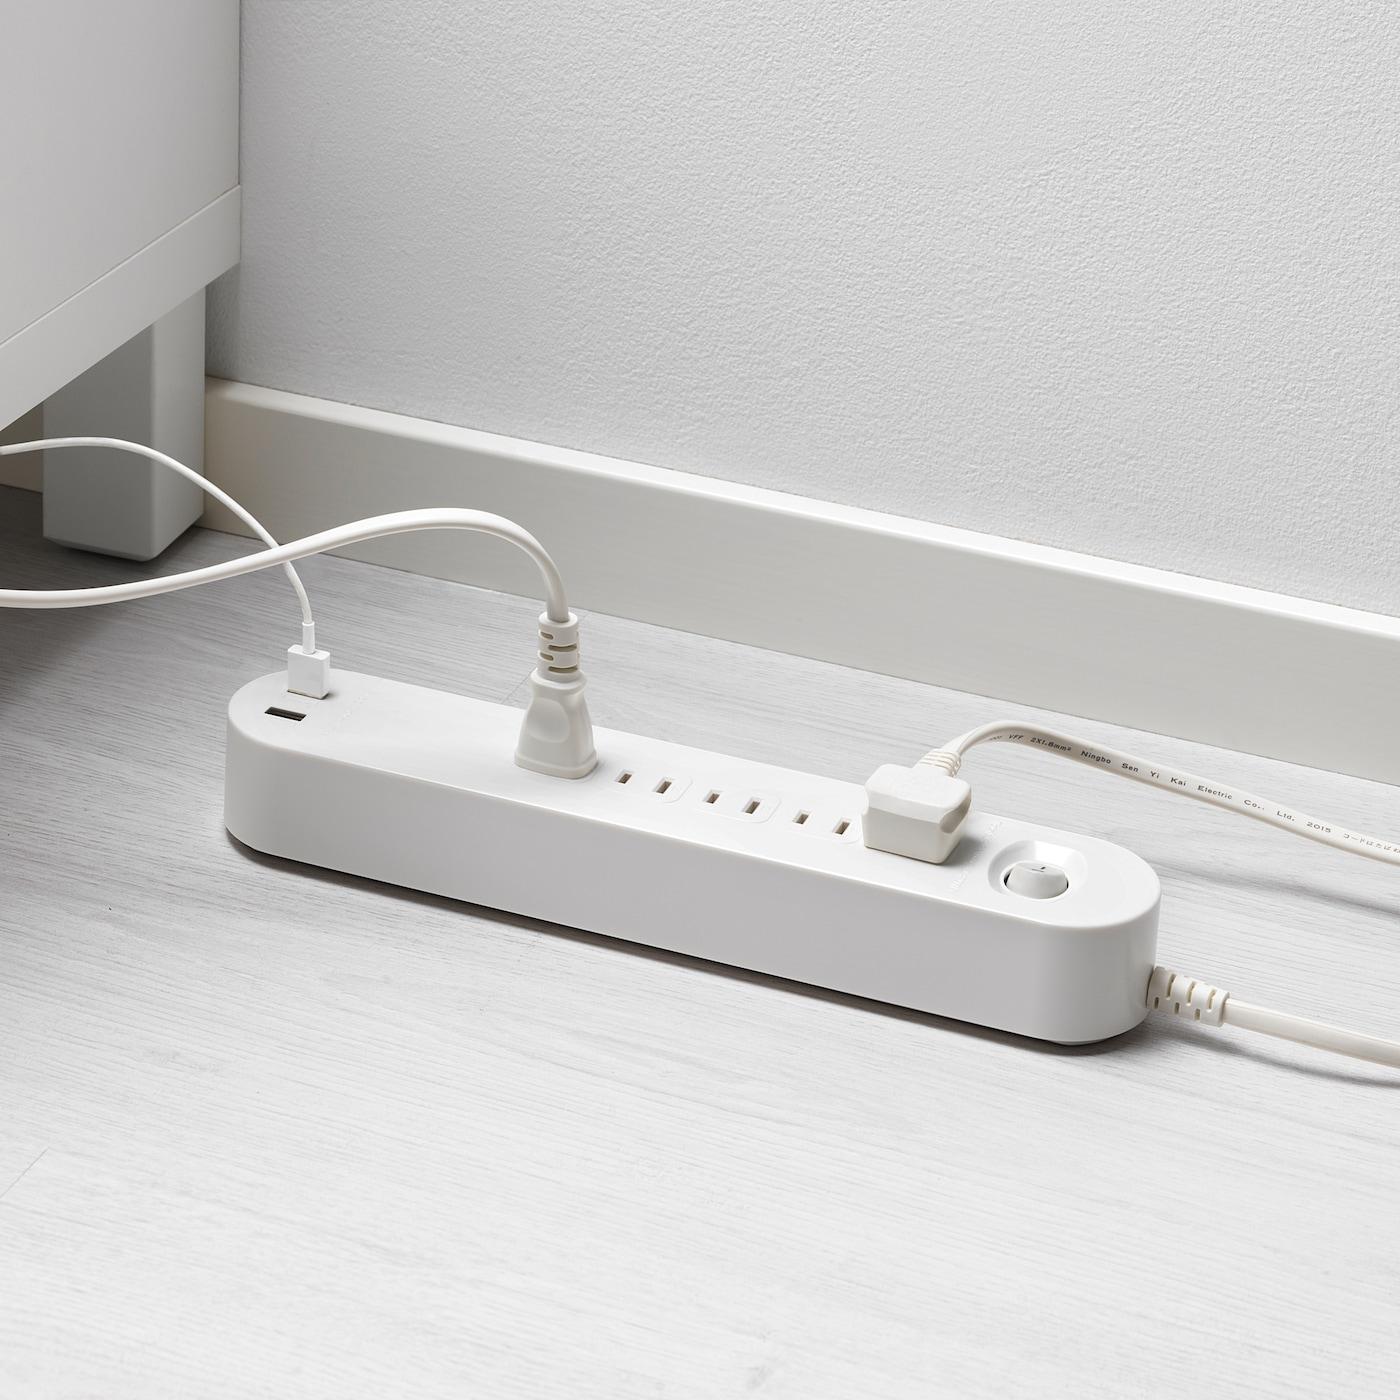 KOPPLA コップラ 電源タップ 5個口 USBポート2口付き, ホワイト, 3.0 m ...